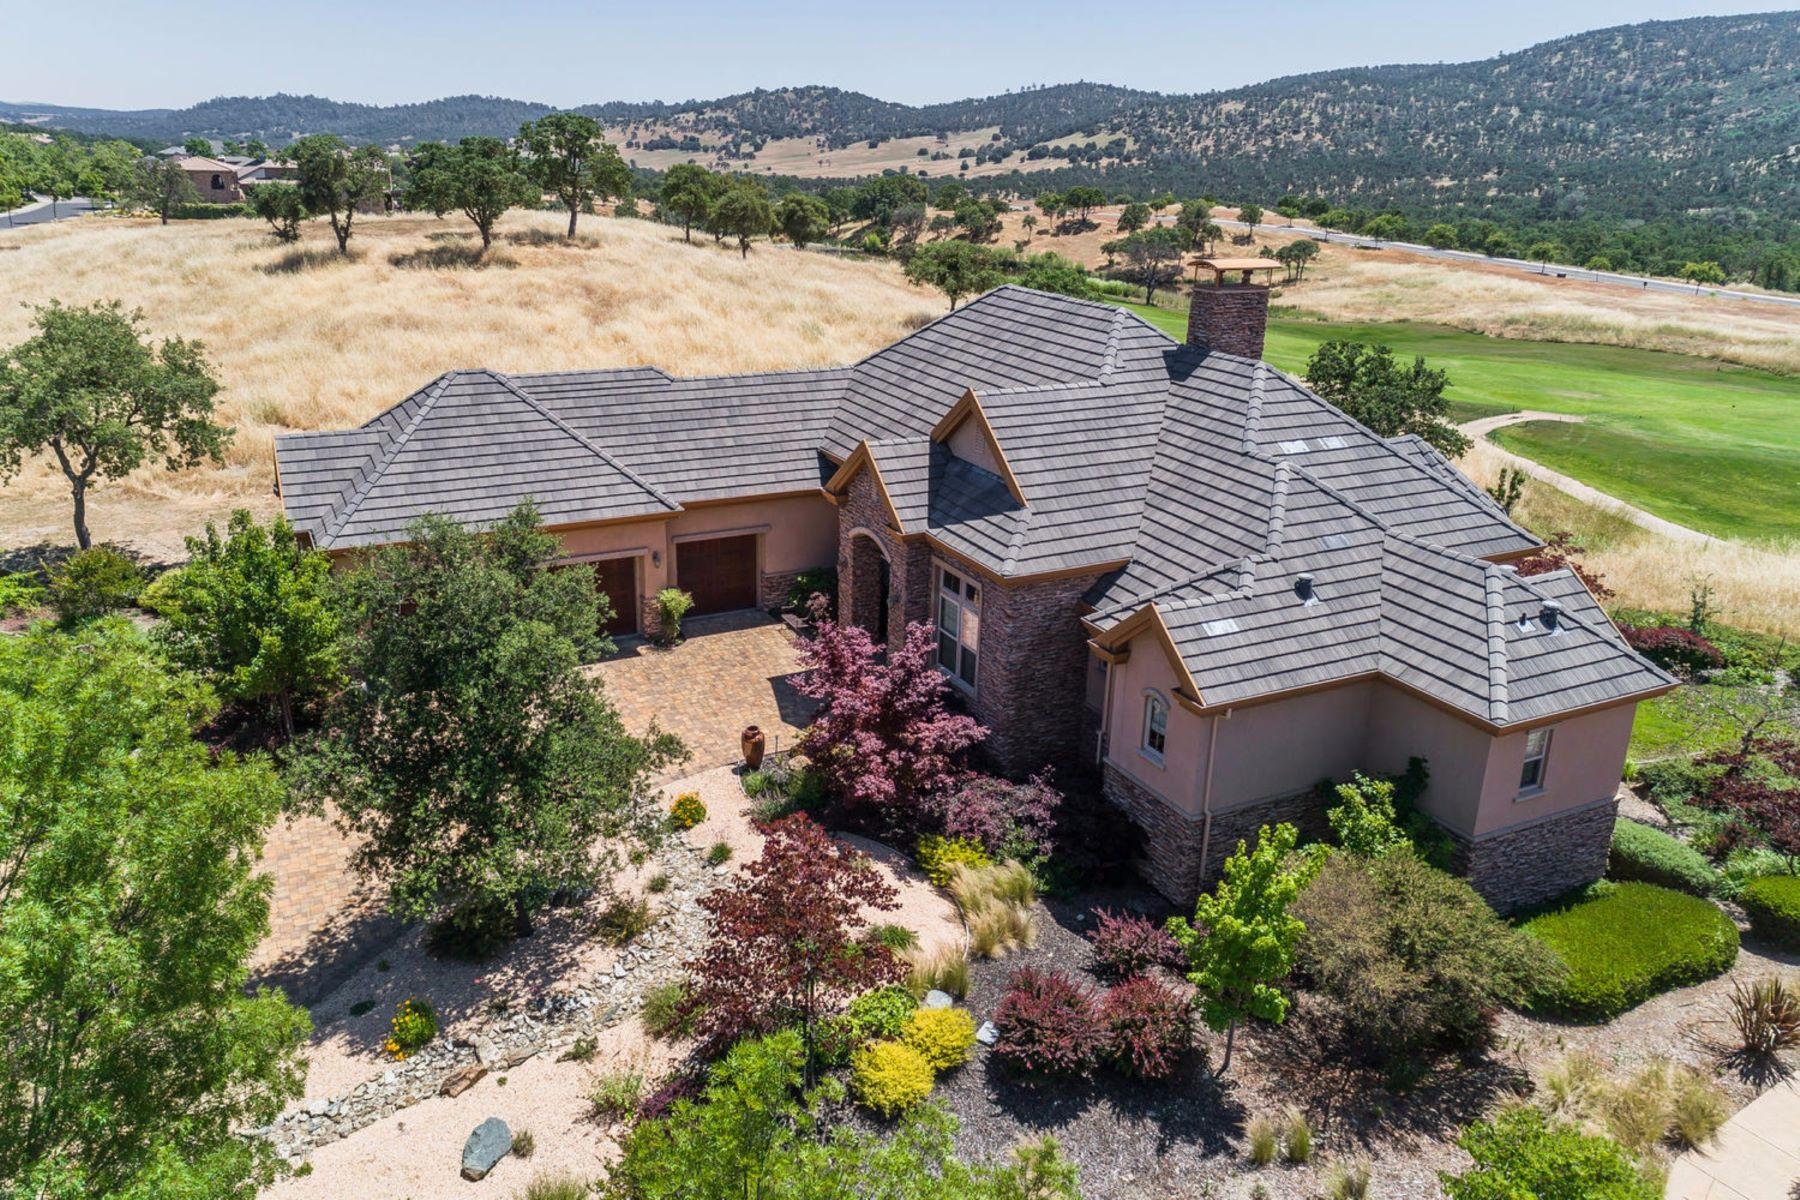 Частный односемейный дом для того Продажа на 114 Oak Wood Place Copperopolis, Калифорния 95228 Соединенные Штаты